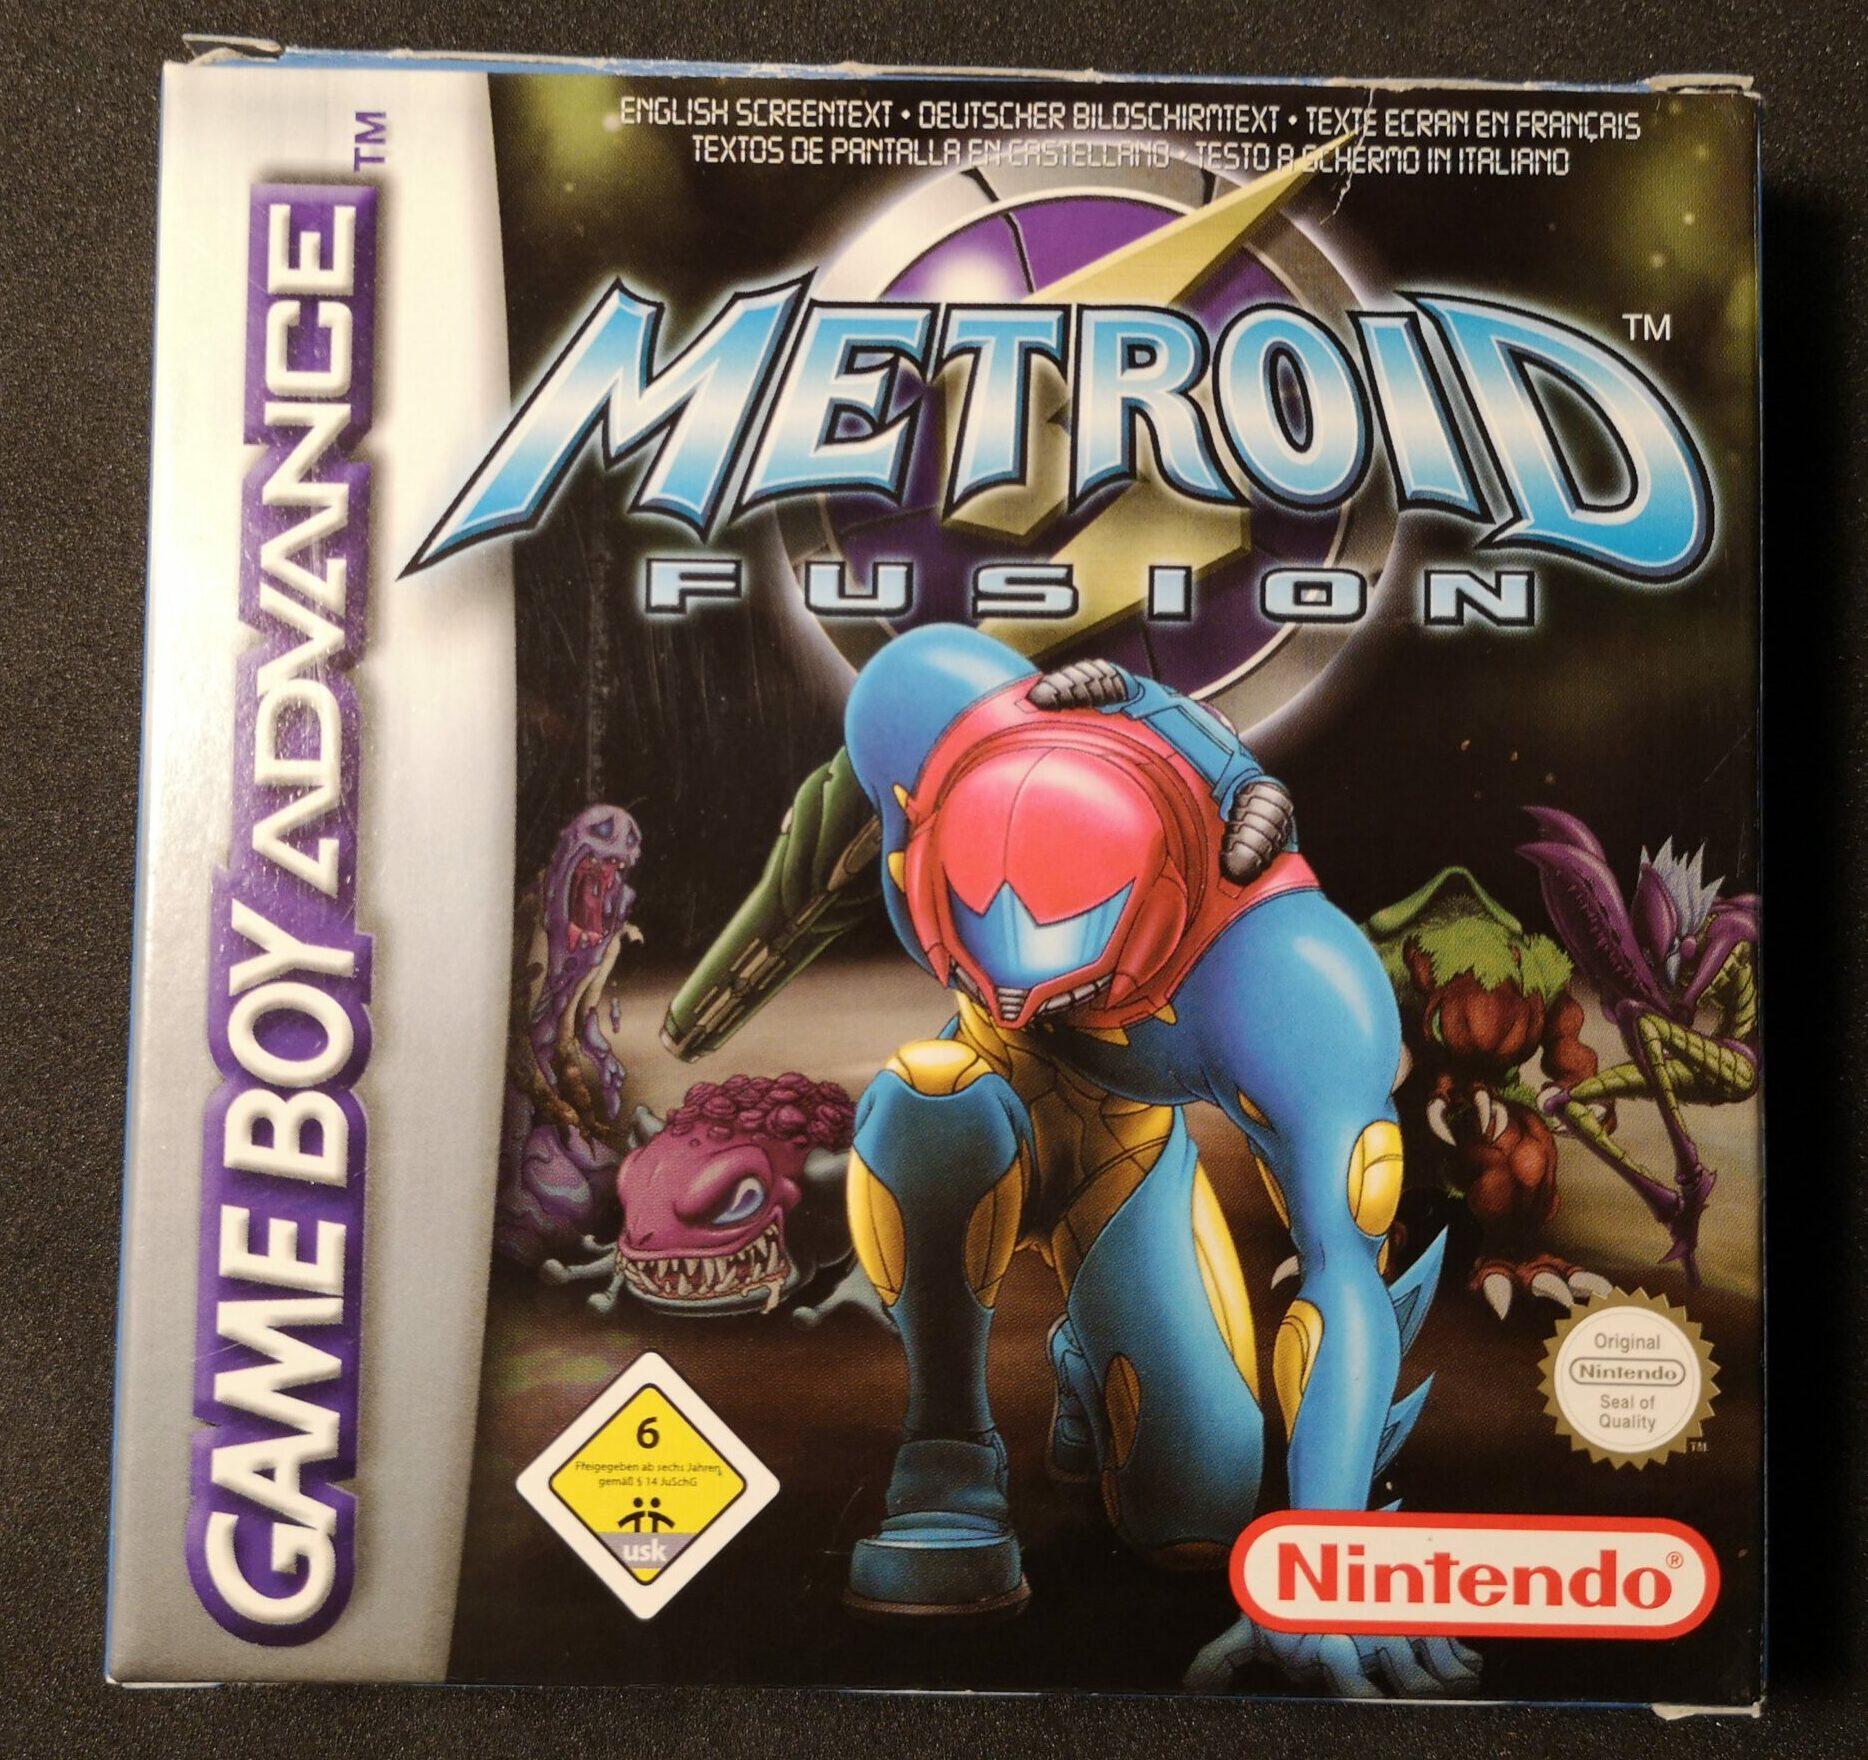 Metroid Fusion, fronte della confezione